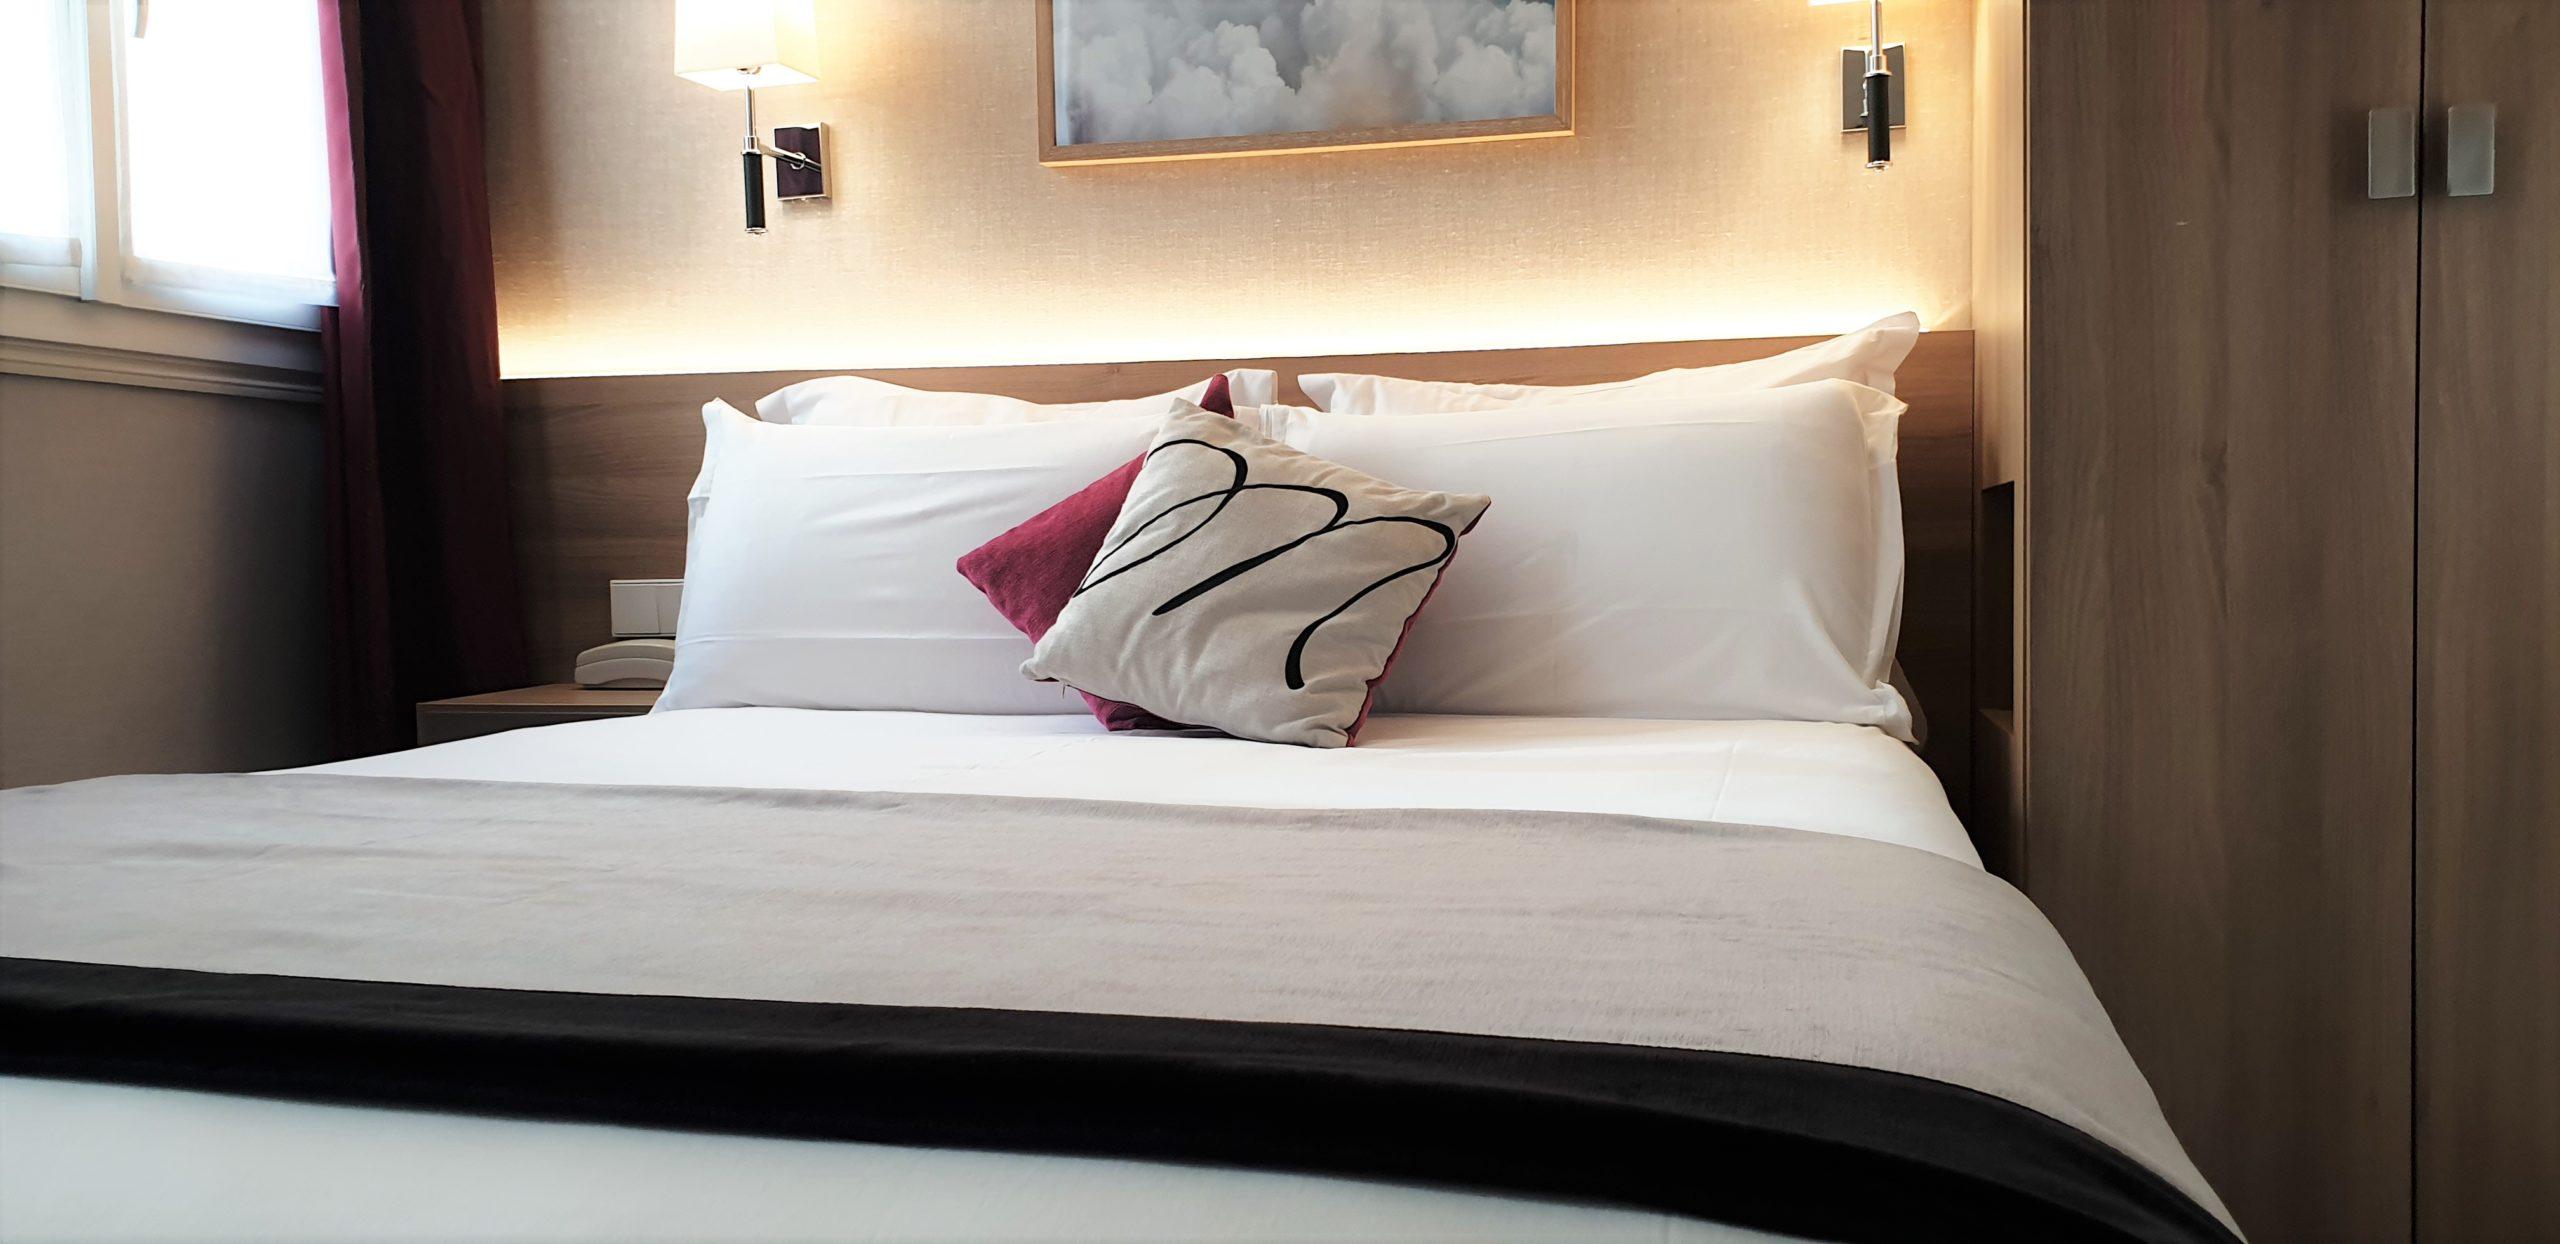 Chambre classique - Hôtel magda champs-élysées (1)